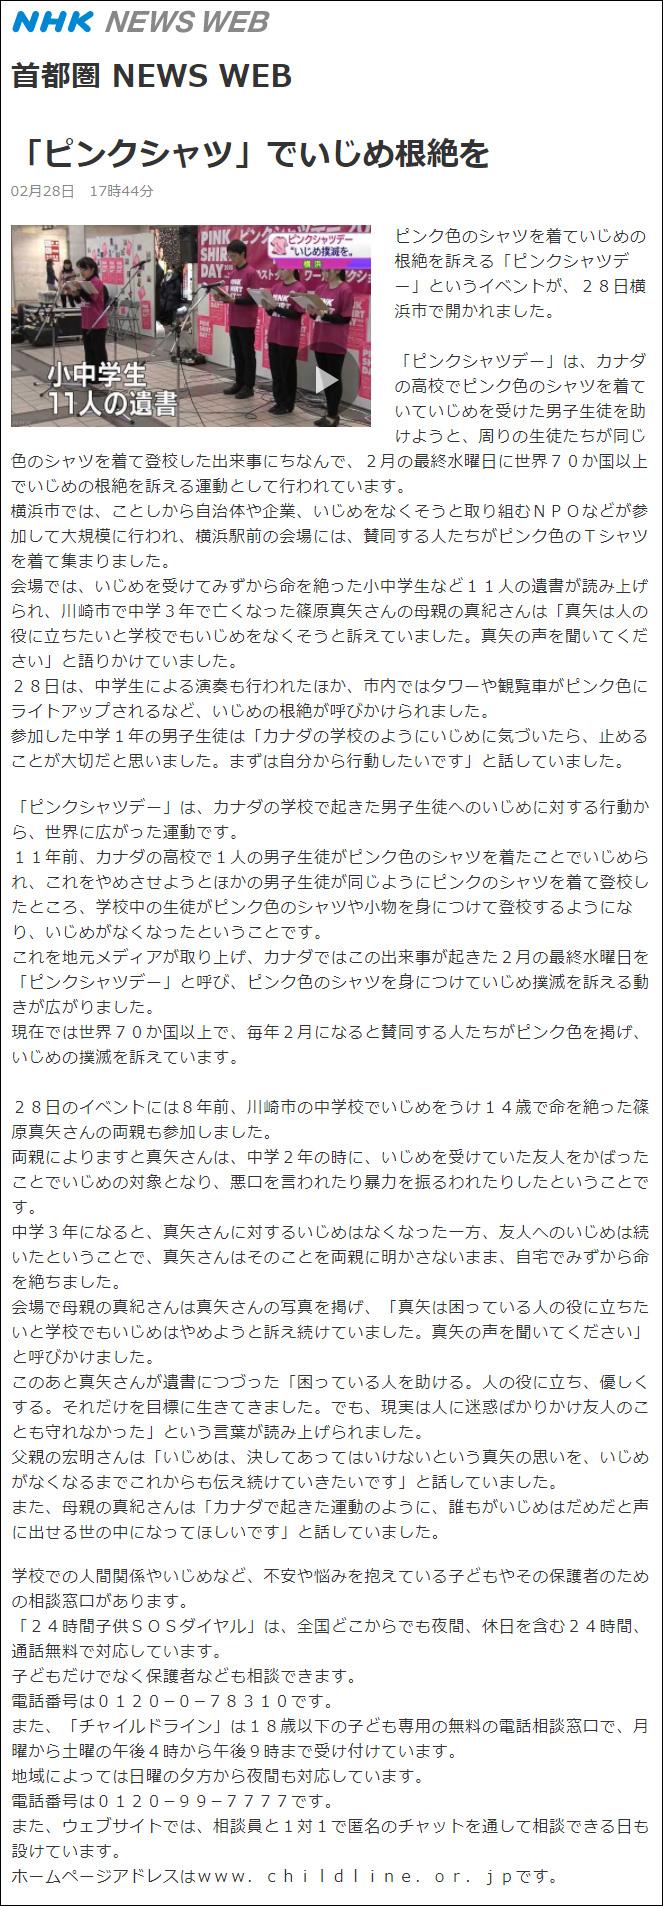 篠原真紀:NHK NEWS WEB、2018年2月28日「『ピンクシャツ』でいじめ根絶を」インタビュー放